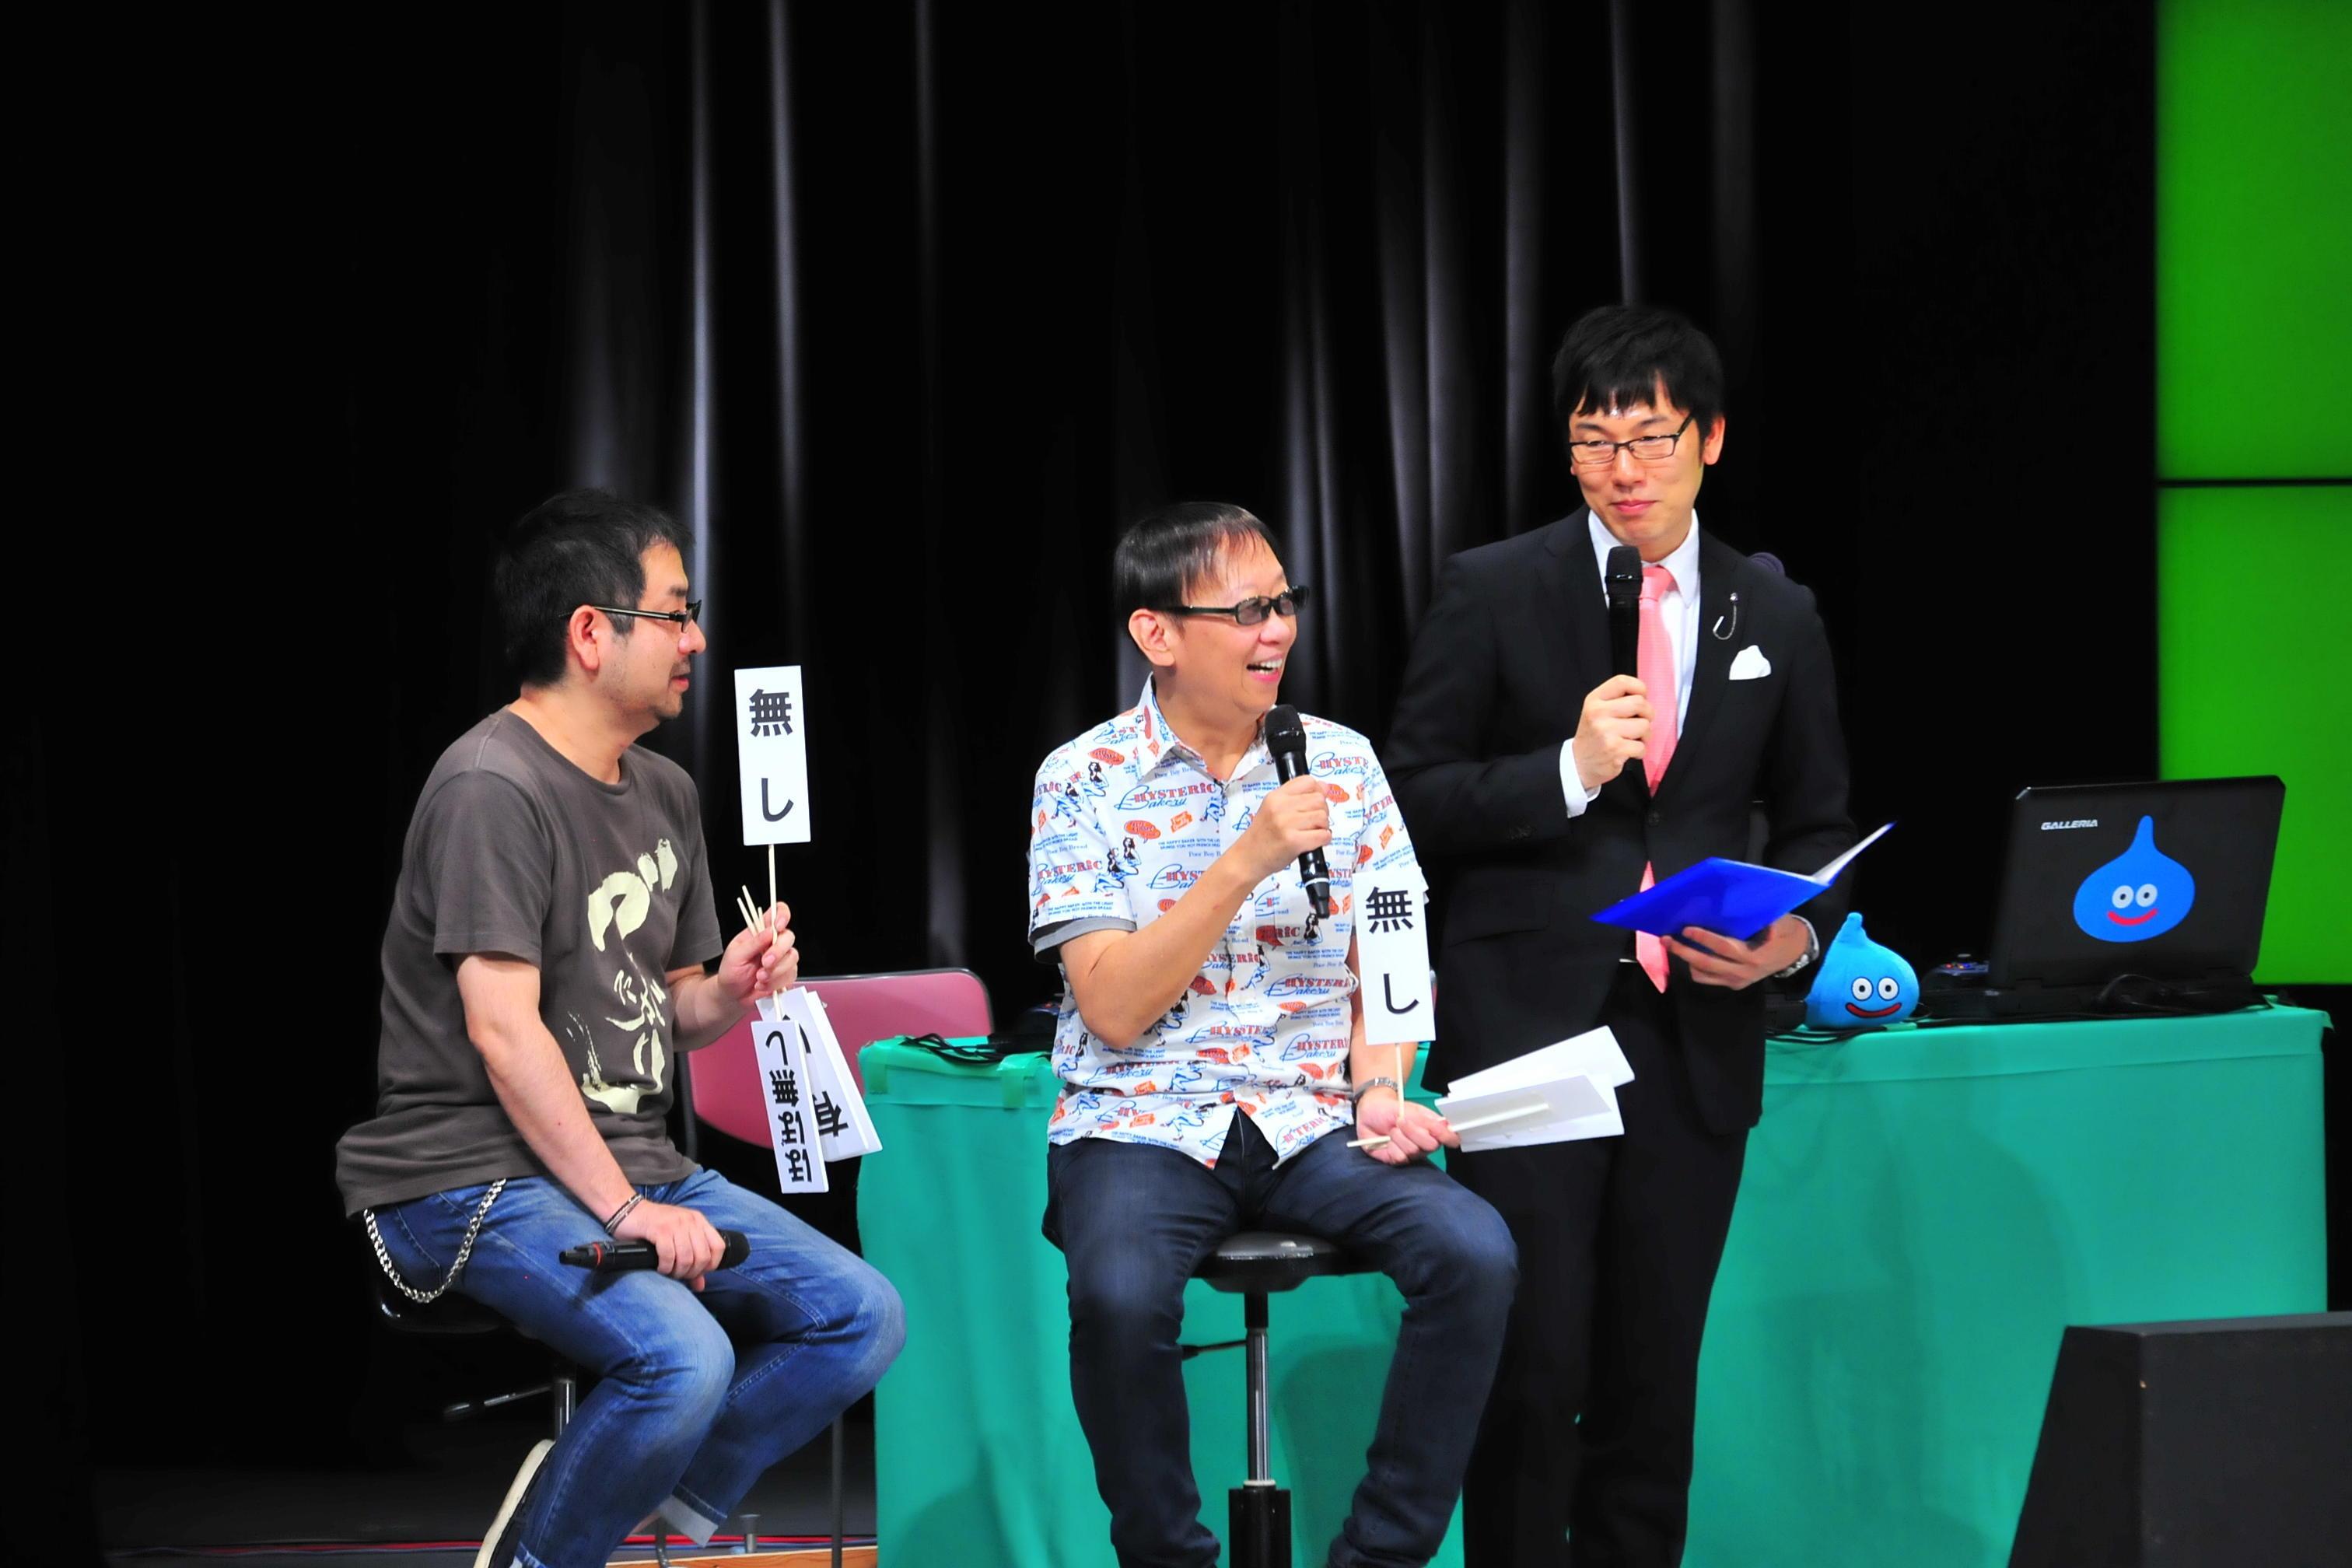 http://news.yoshimoto.co.jp/20160613094957-3b3d67a438bd7478b58214034f5cd136ead1aae0.jpg